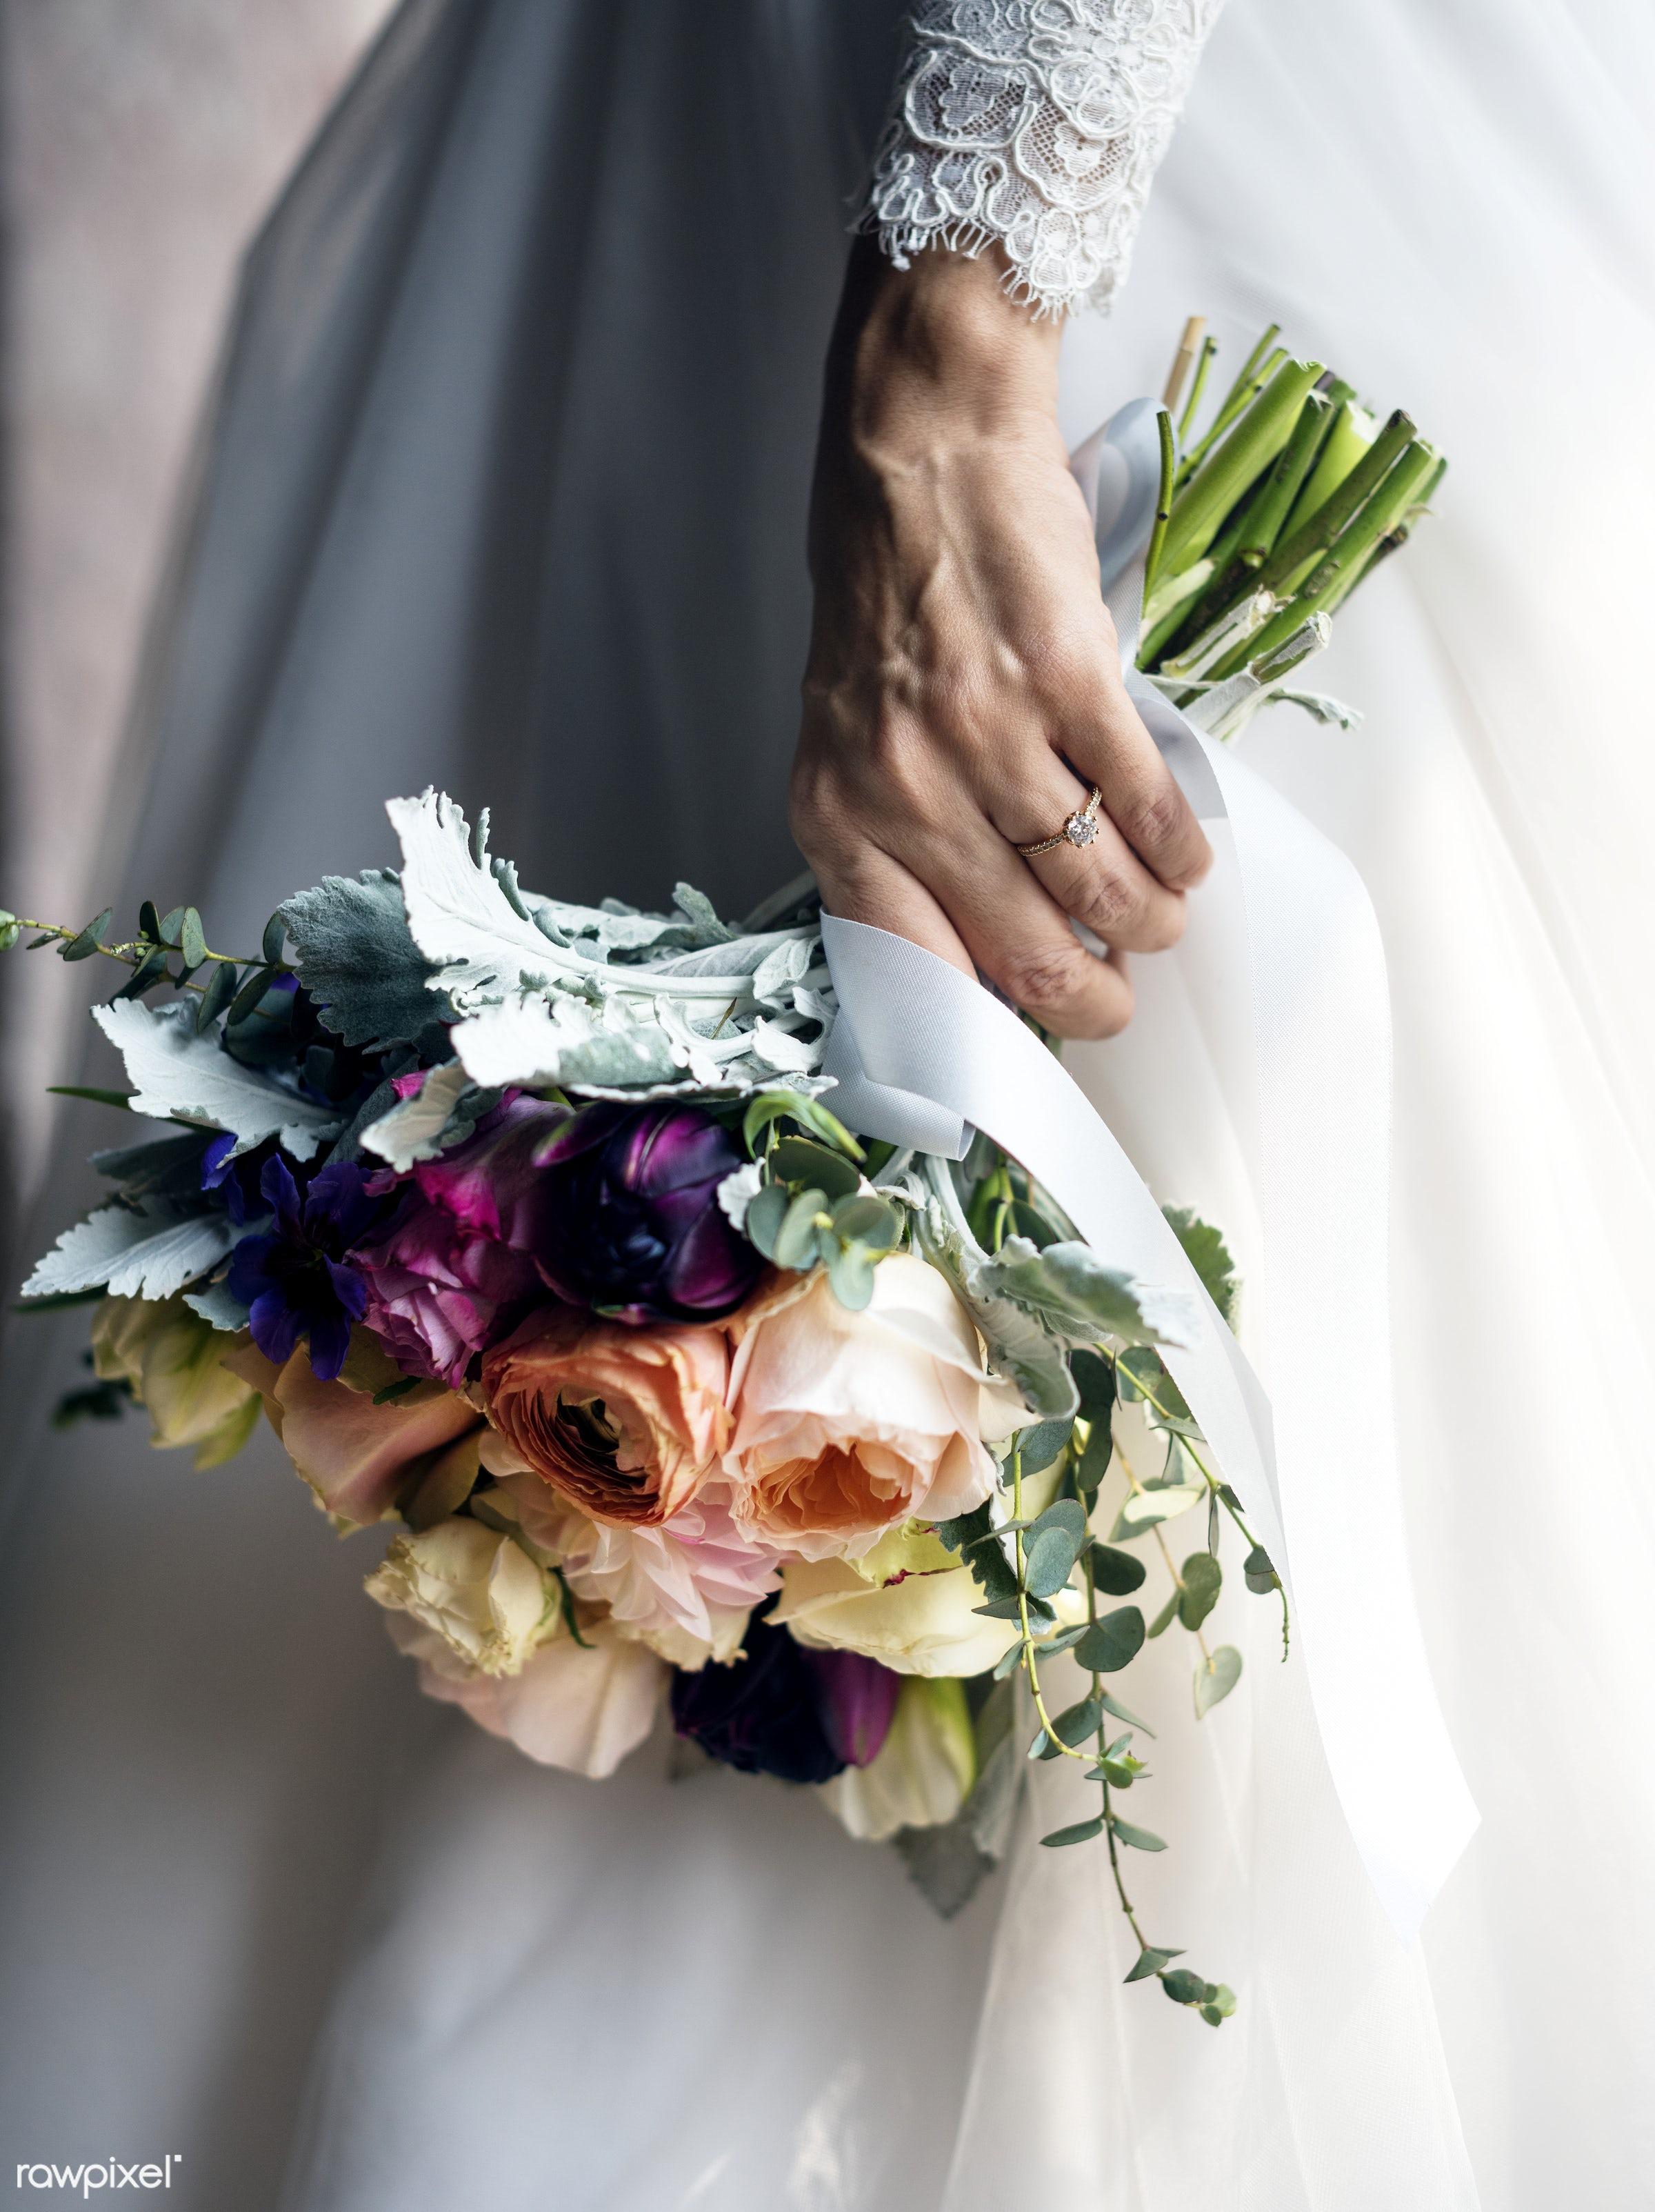 wedding, bridal, reception, bouquet, bride, caucasian, ceremony, diverse, engagement, event, flora, flowers, fresh, hands,...